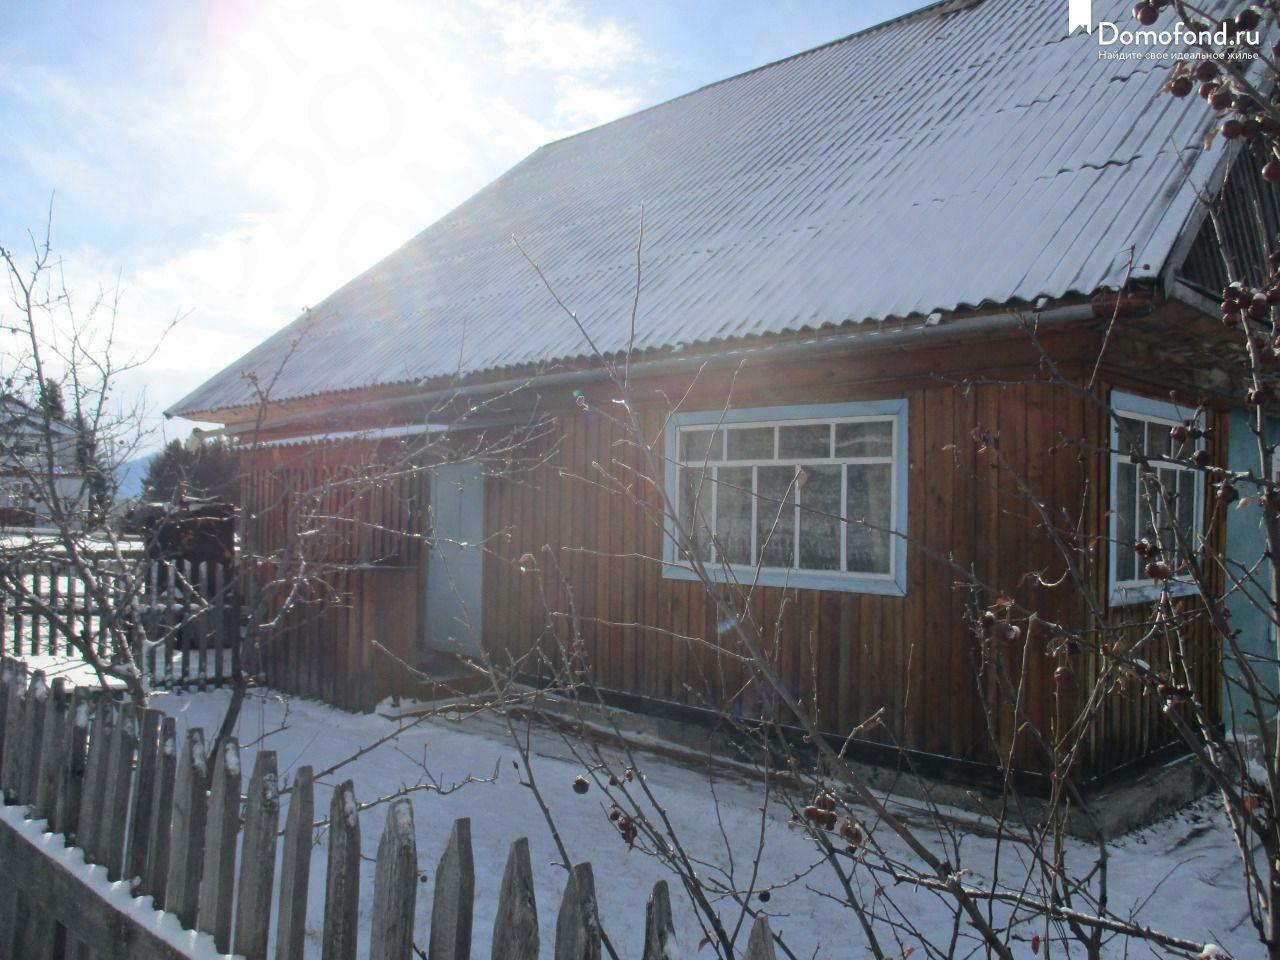 Купить дом в усть коксинском районе Курительные смеси Магазин Ачинск